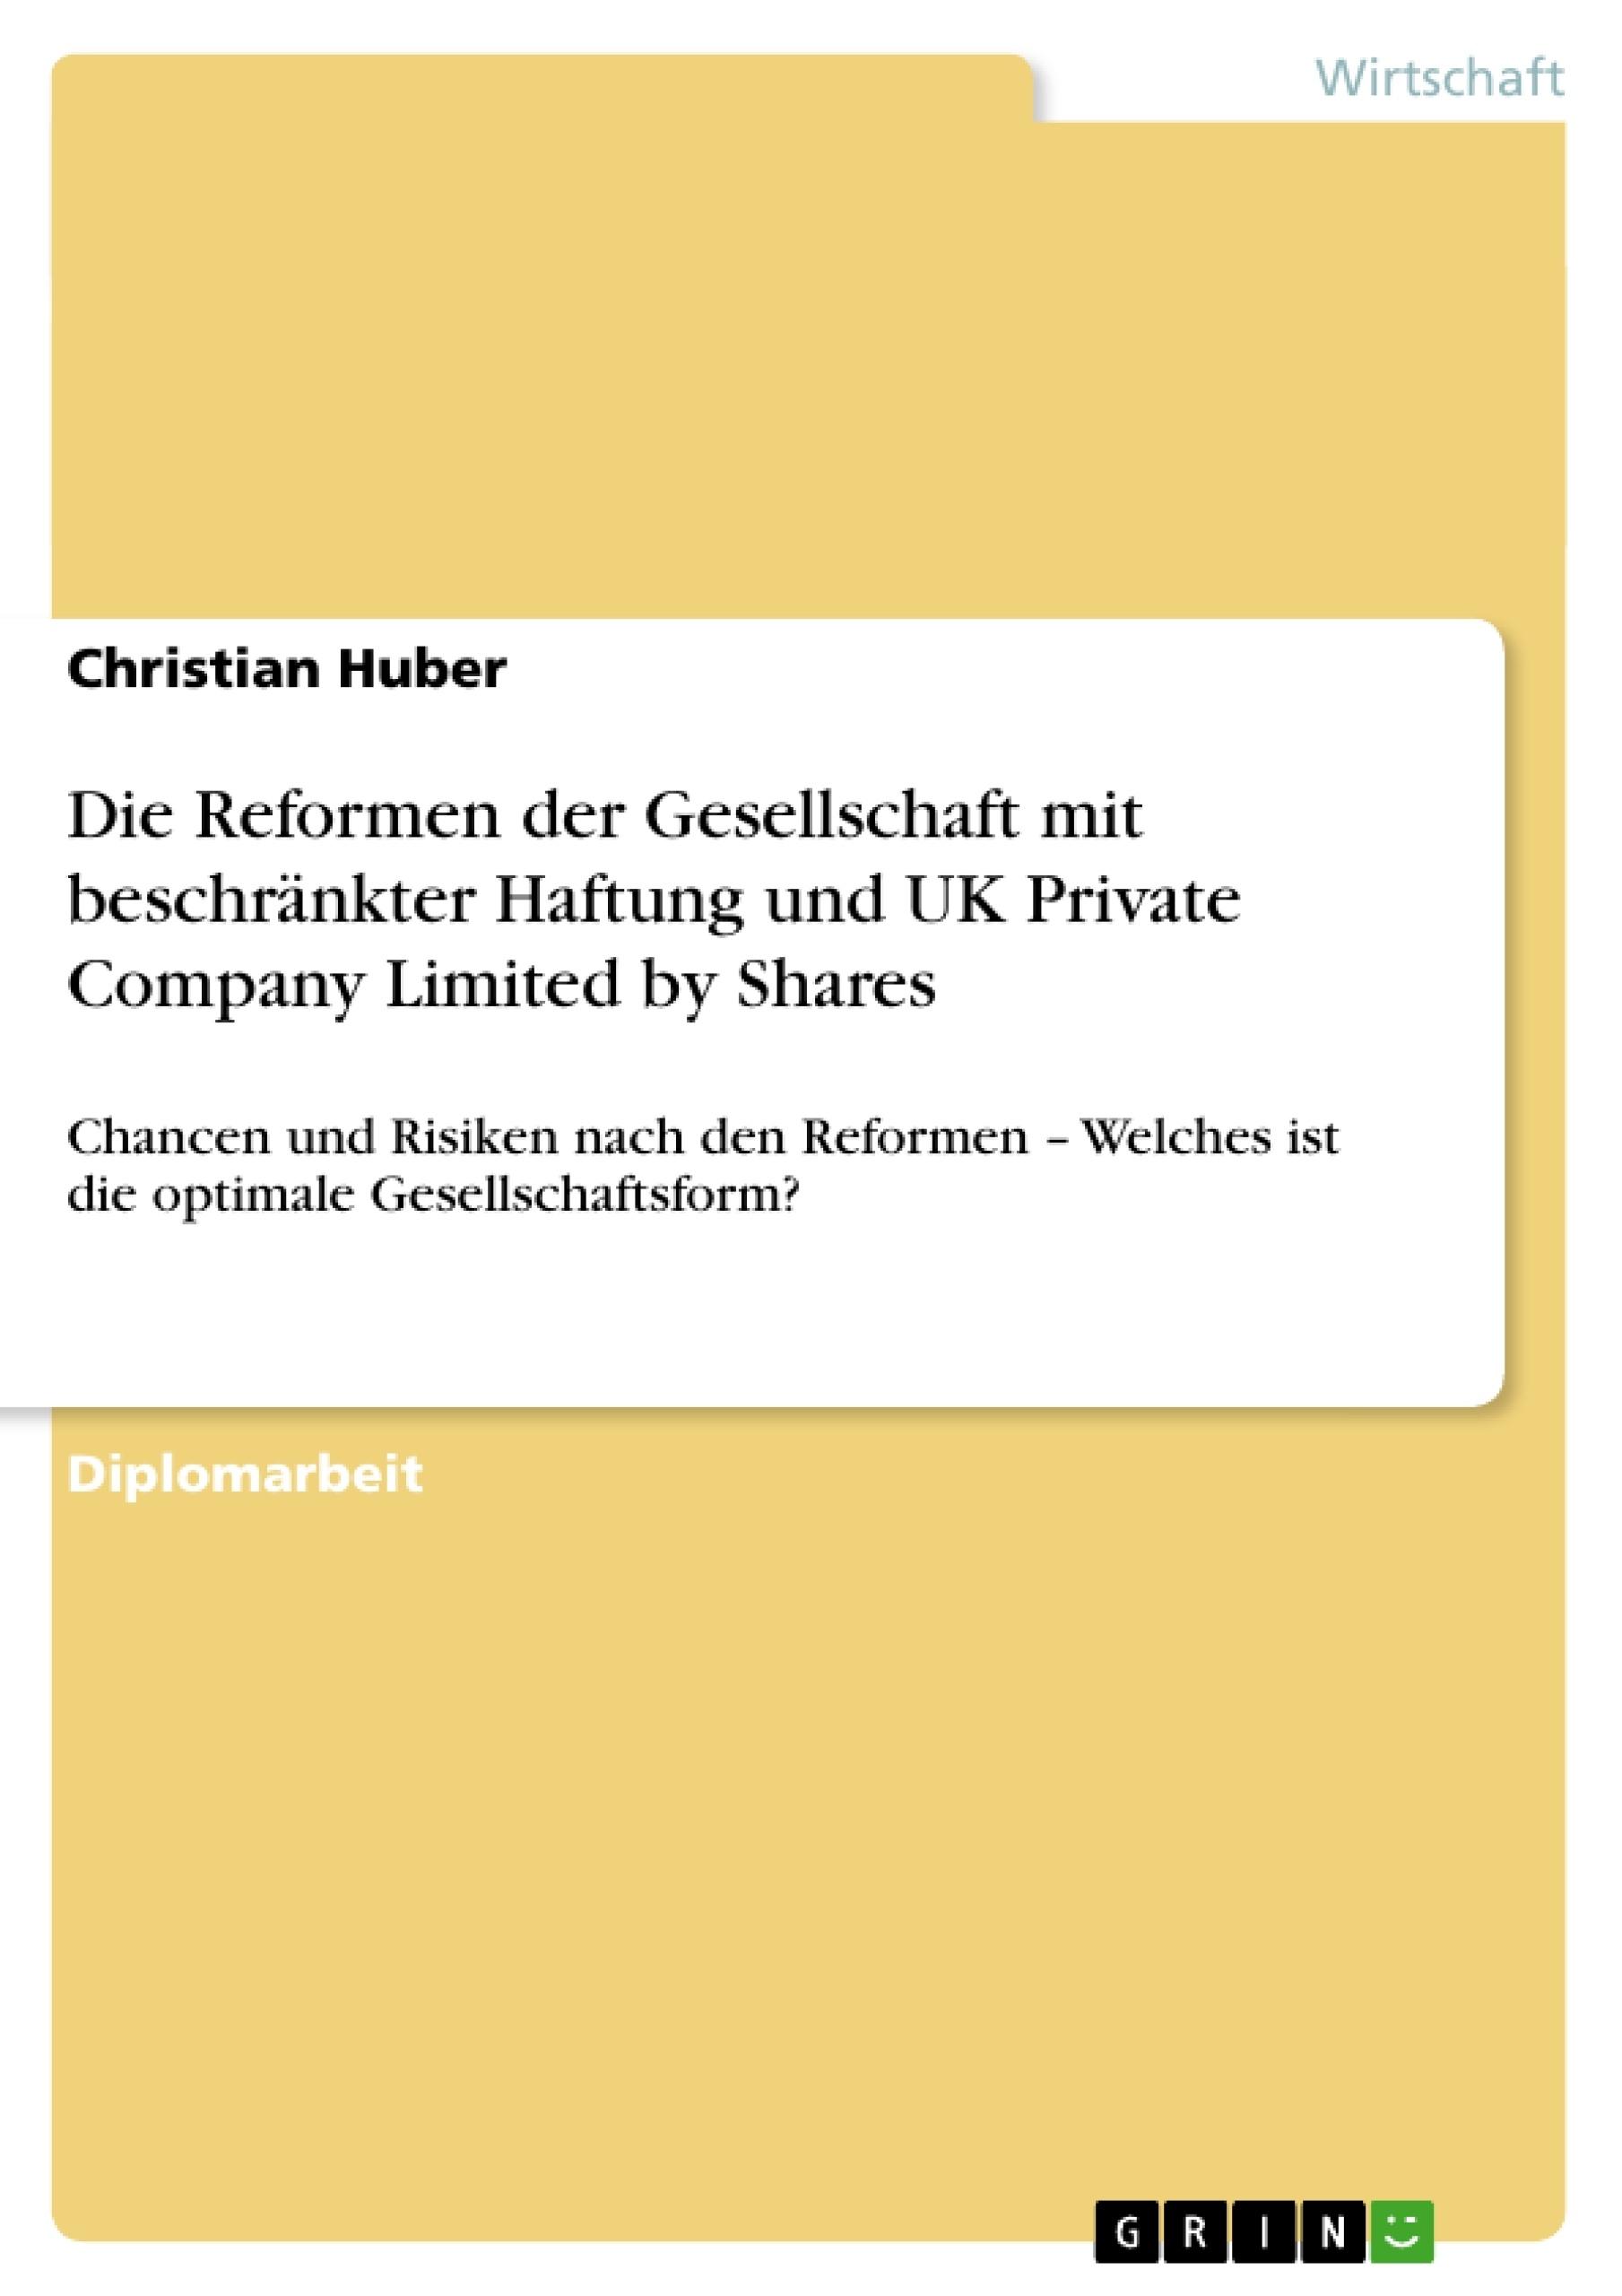 Titel: Die Reformen der Gesellschaft mit beschränkter Haftung und UK Private Company Limited by Shares